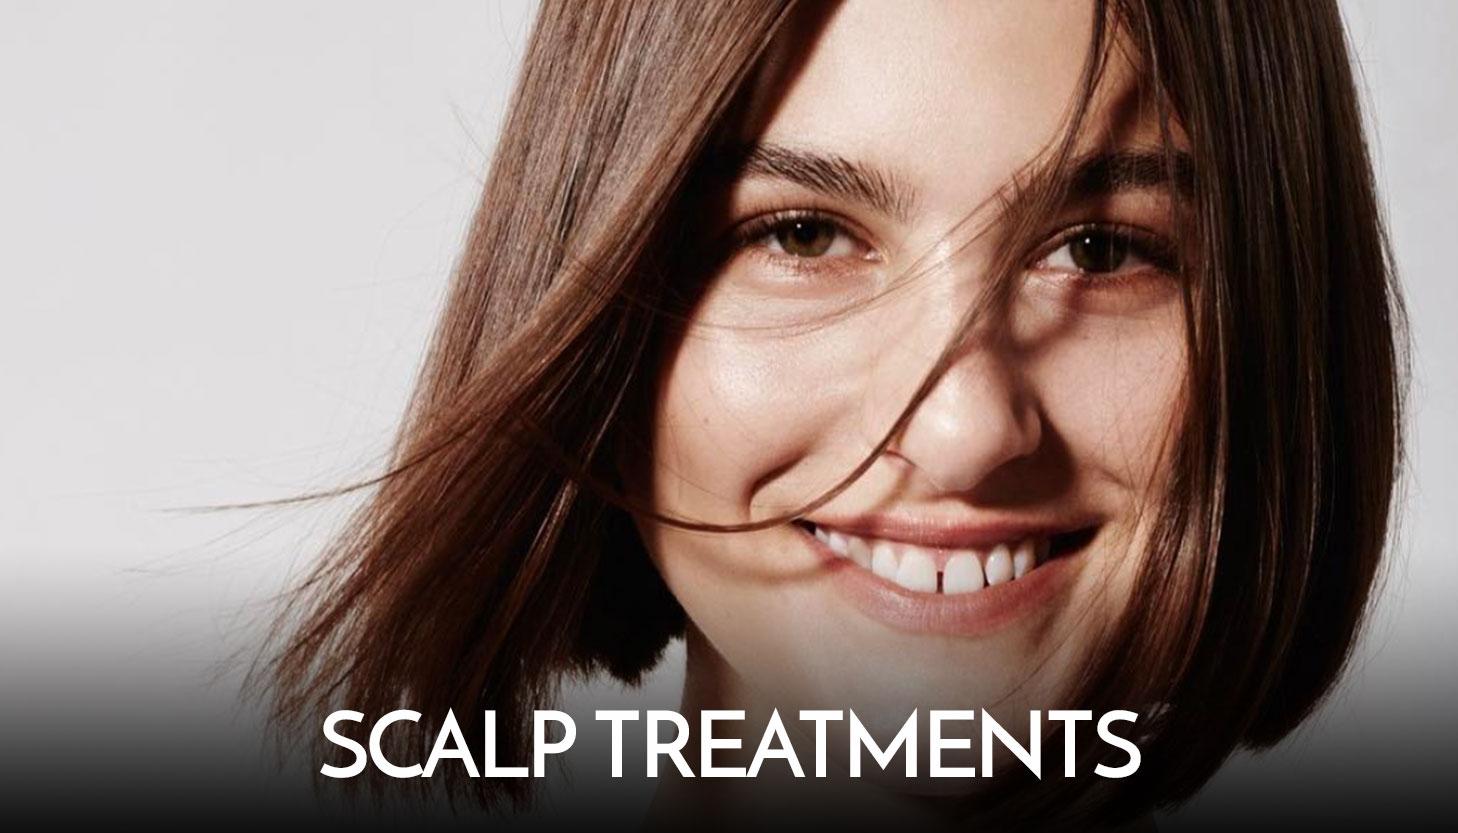 Scalp-treatments